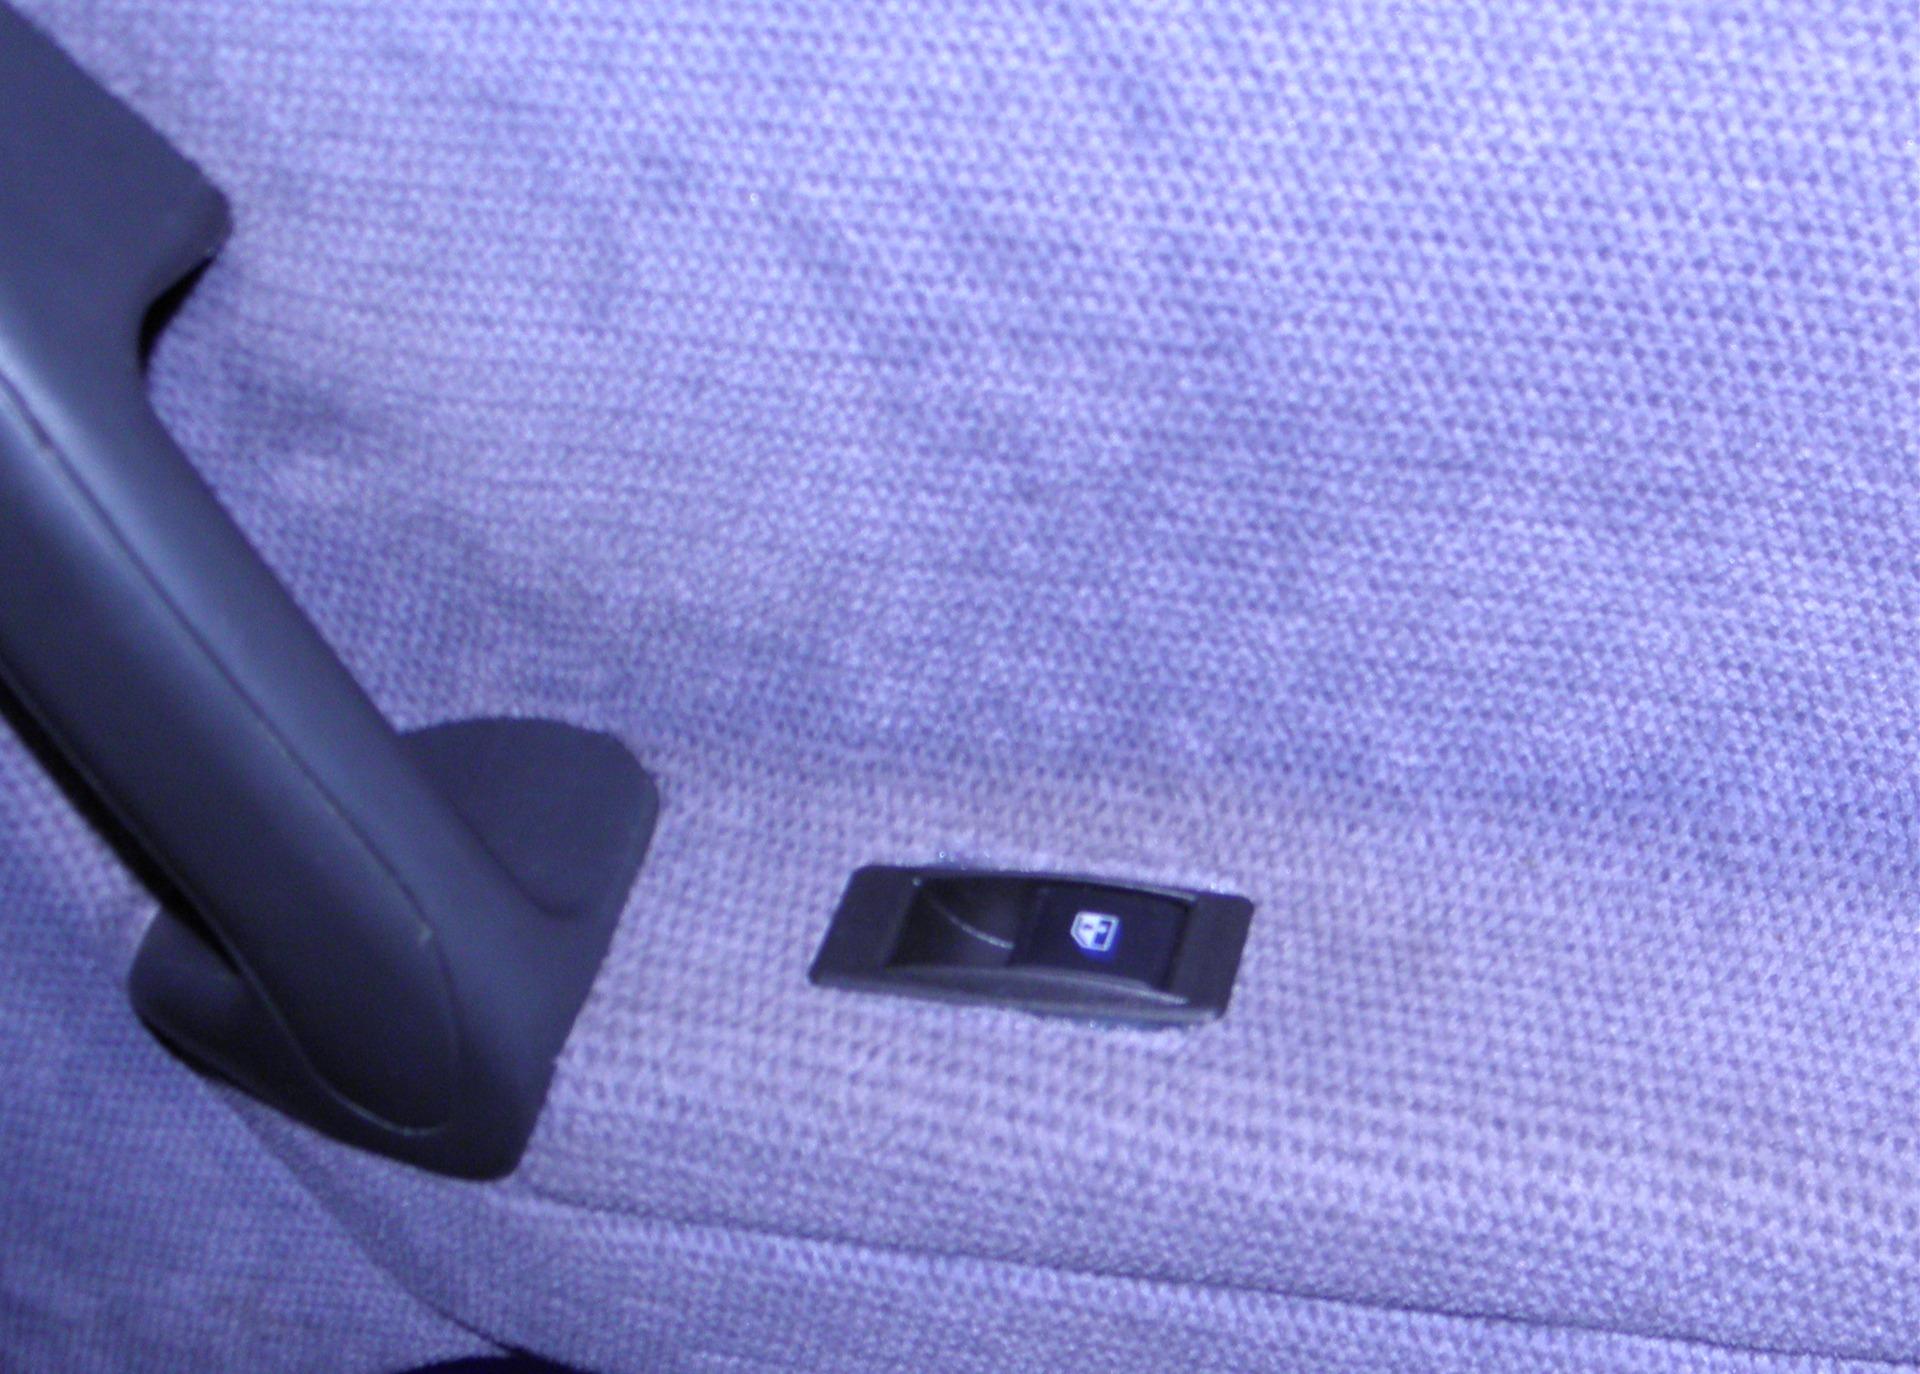 Фото №12 - ремонт кнопки стеклоподъемника ВАЗ 2110